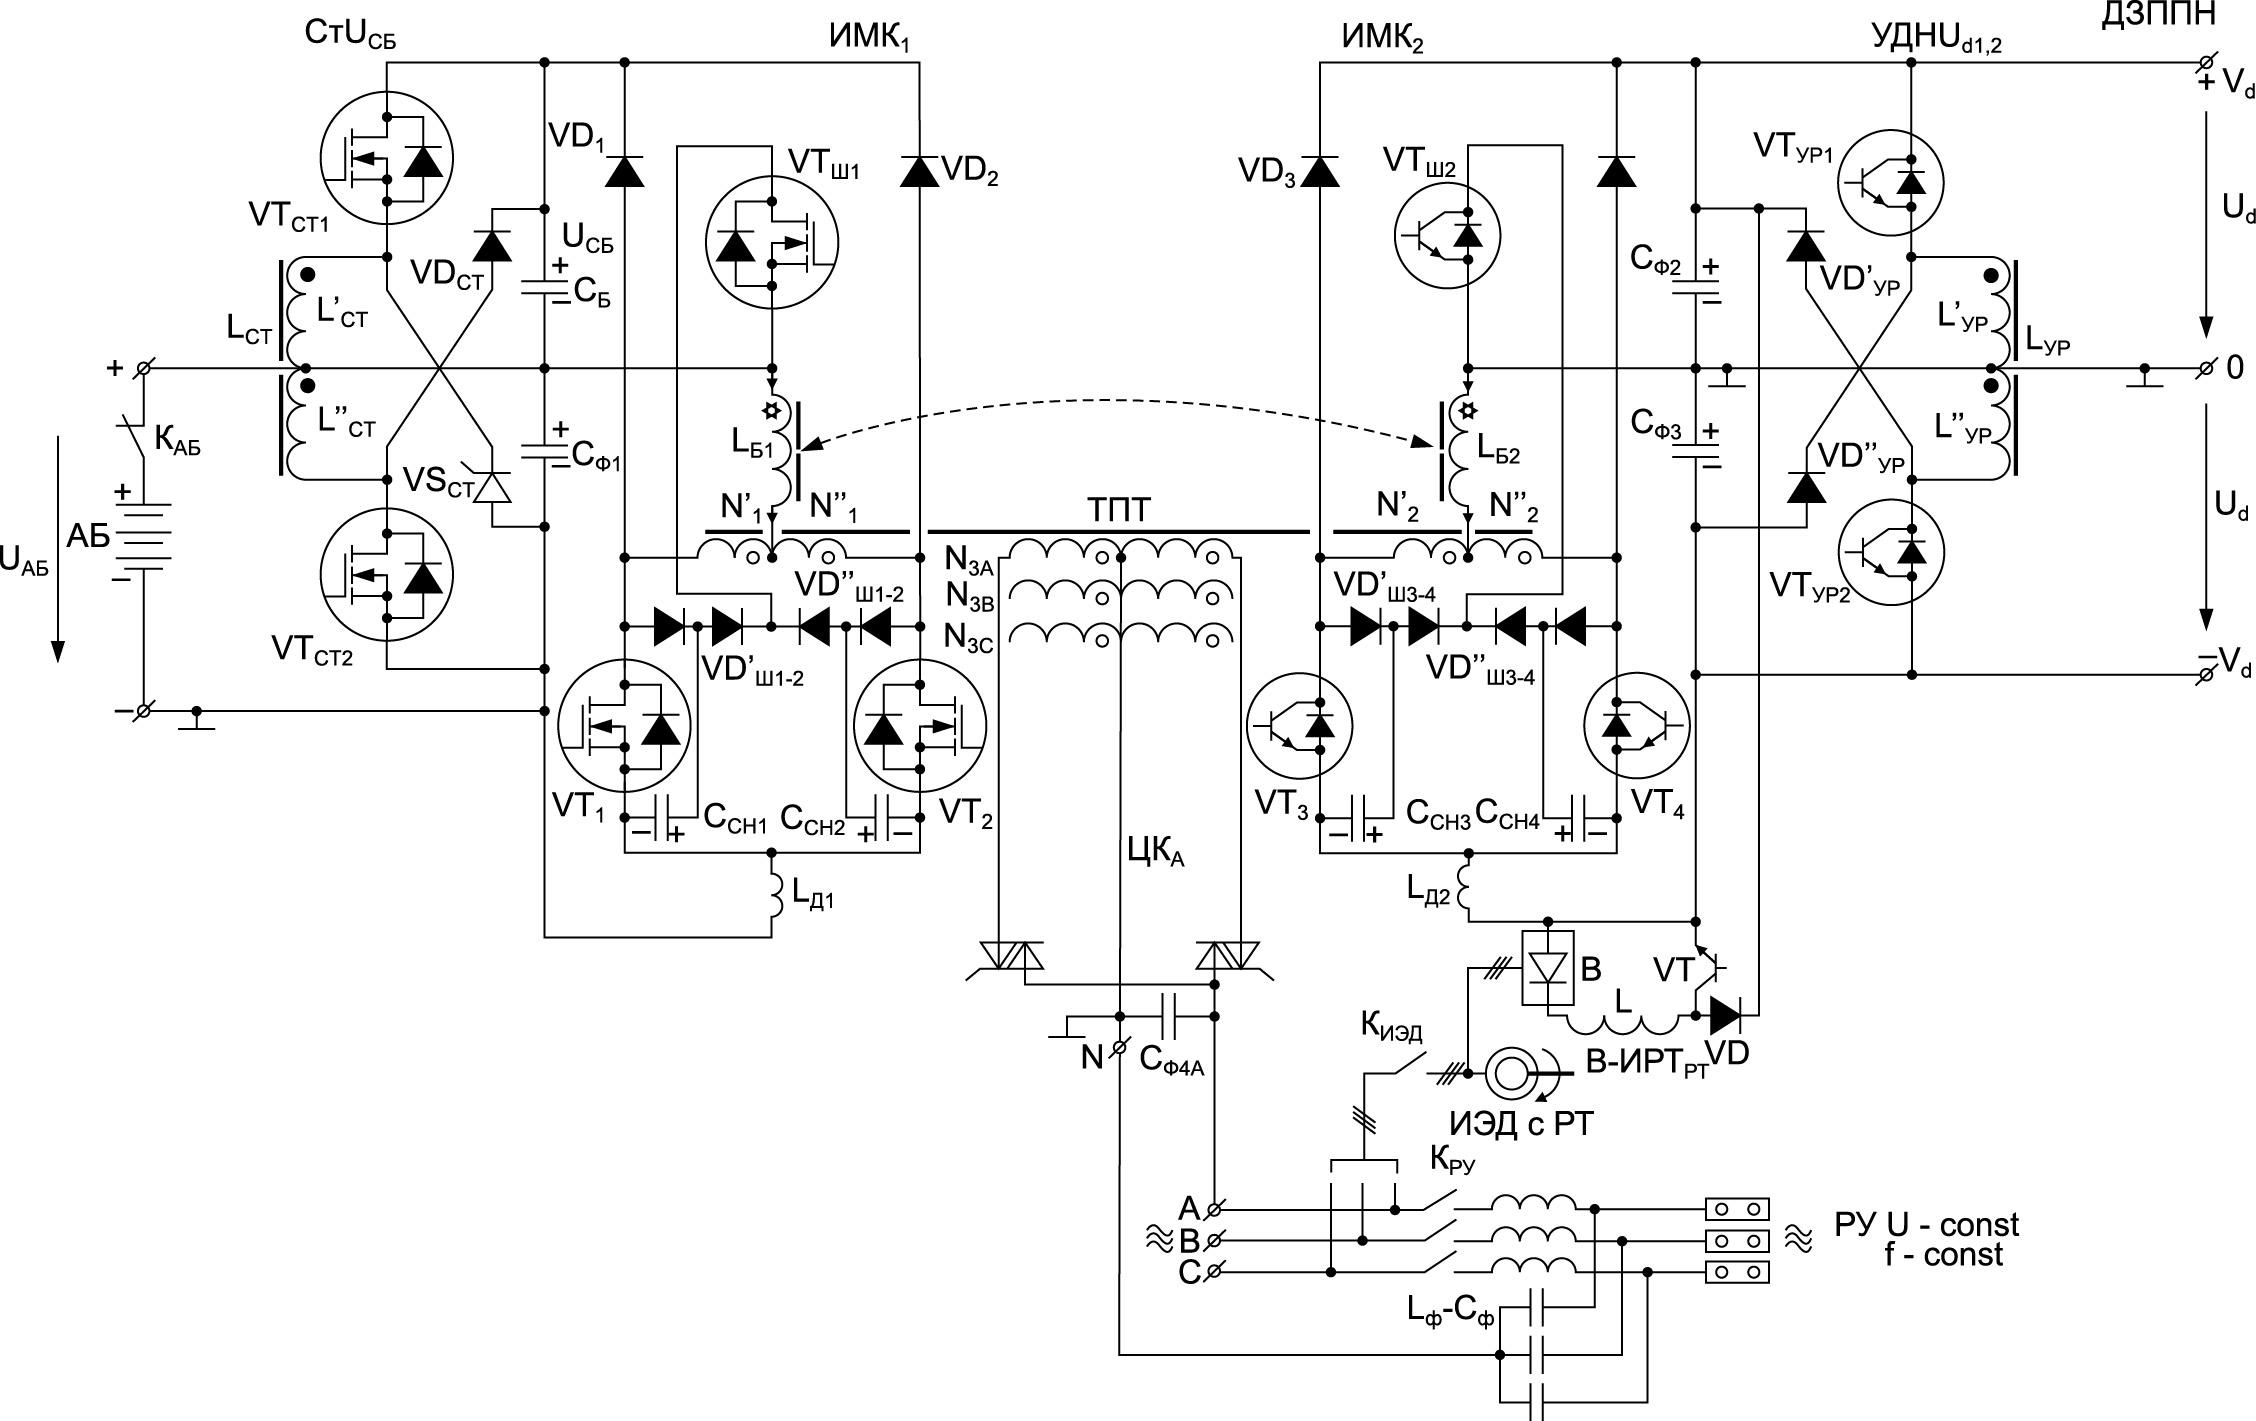 Силовая схема двухтактного ТИП в качестве ВИЭП электроэнергетического комплекса КЛА